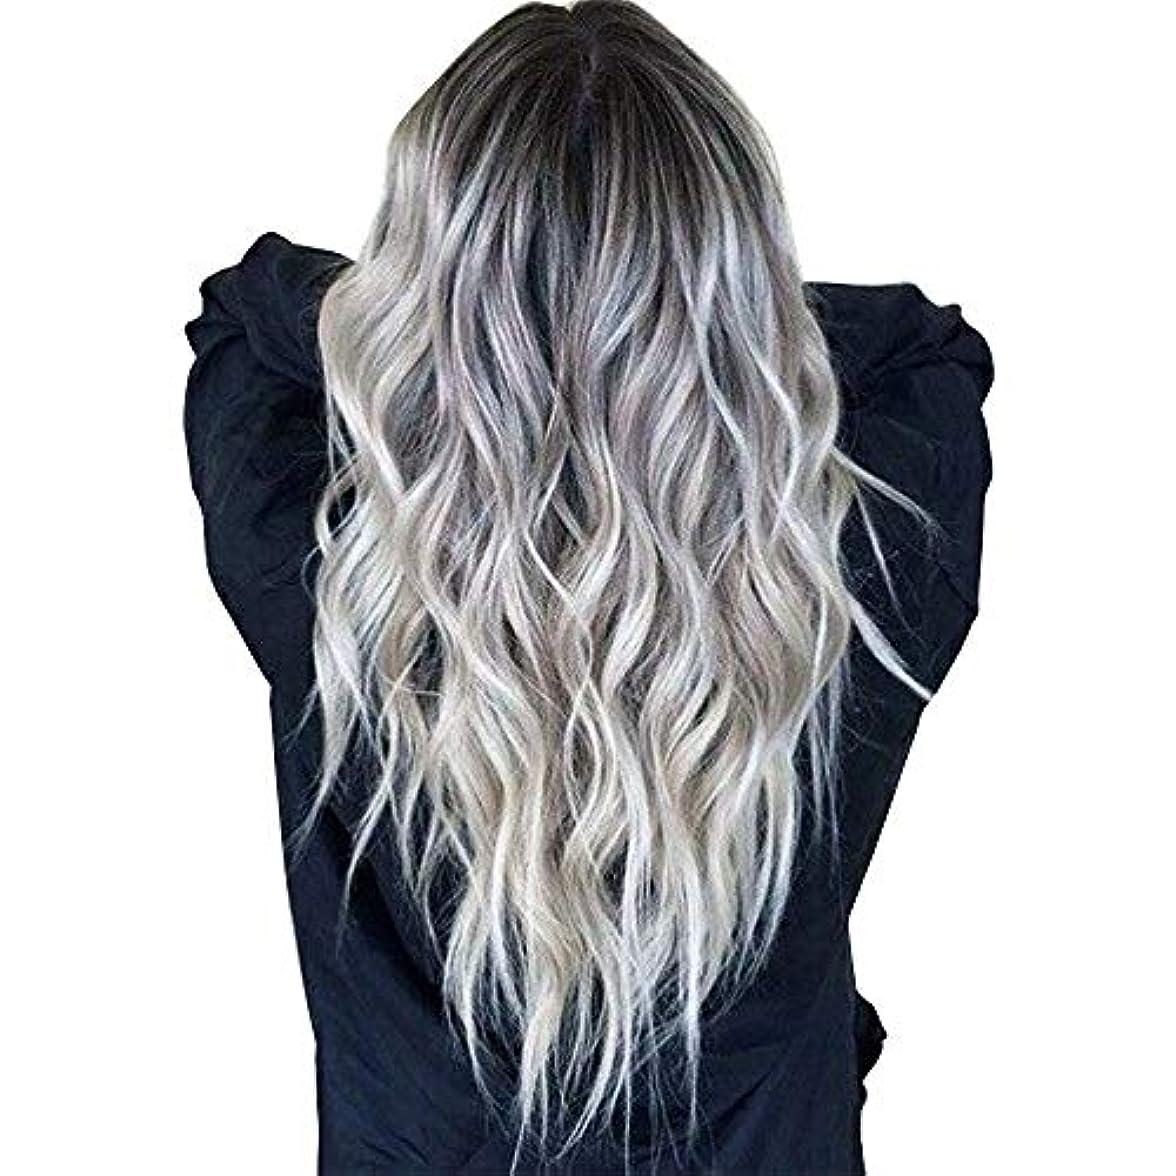 繁栄ステレオタイプ邪悪なウィッグキャップかつらで長いファンシードレスカールウィッグ高品質の人工毛髪コスプレ高密度ウィッグ女性と女の子のためのかつら27.5インチv